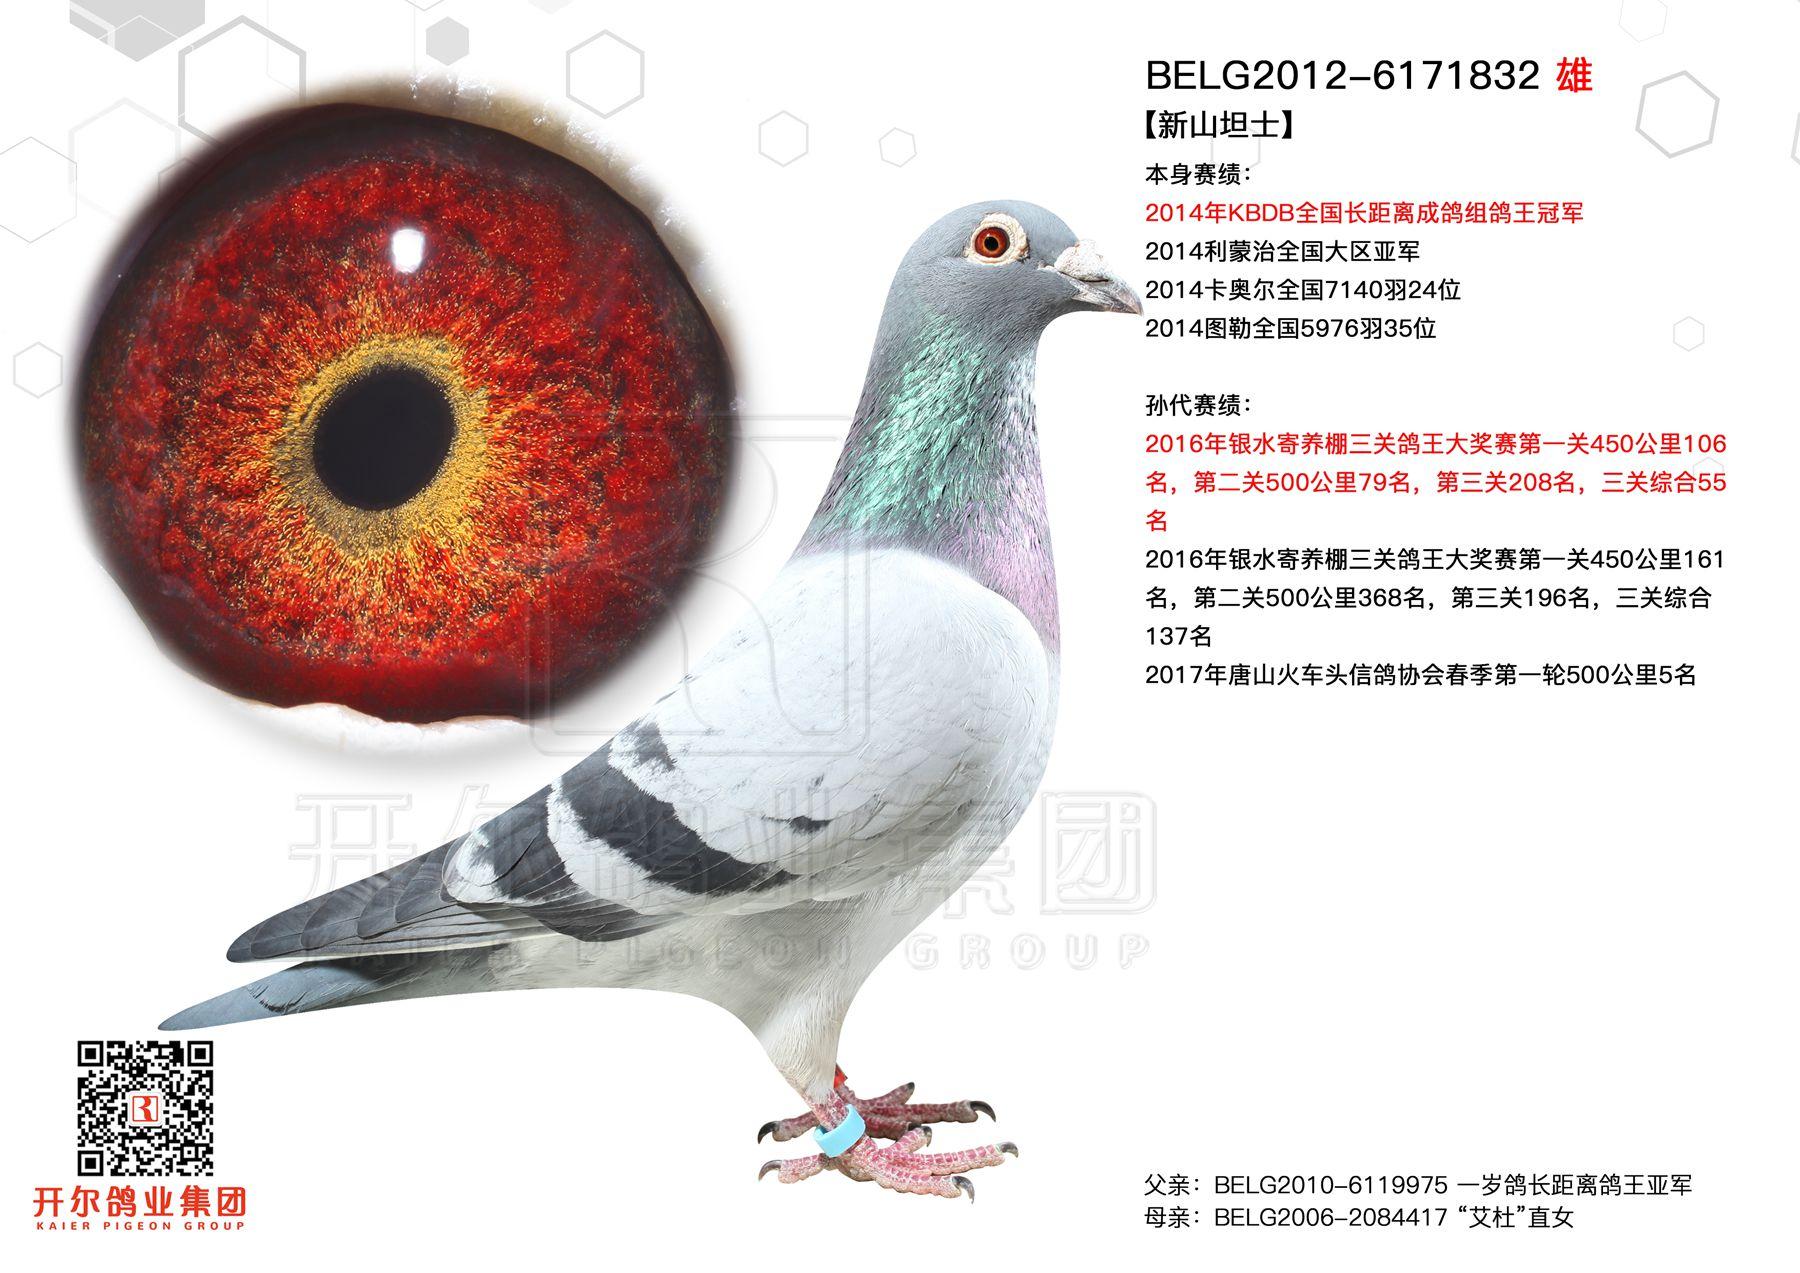 【新山坦士】:14年KBDB长距鸽王冠军